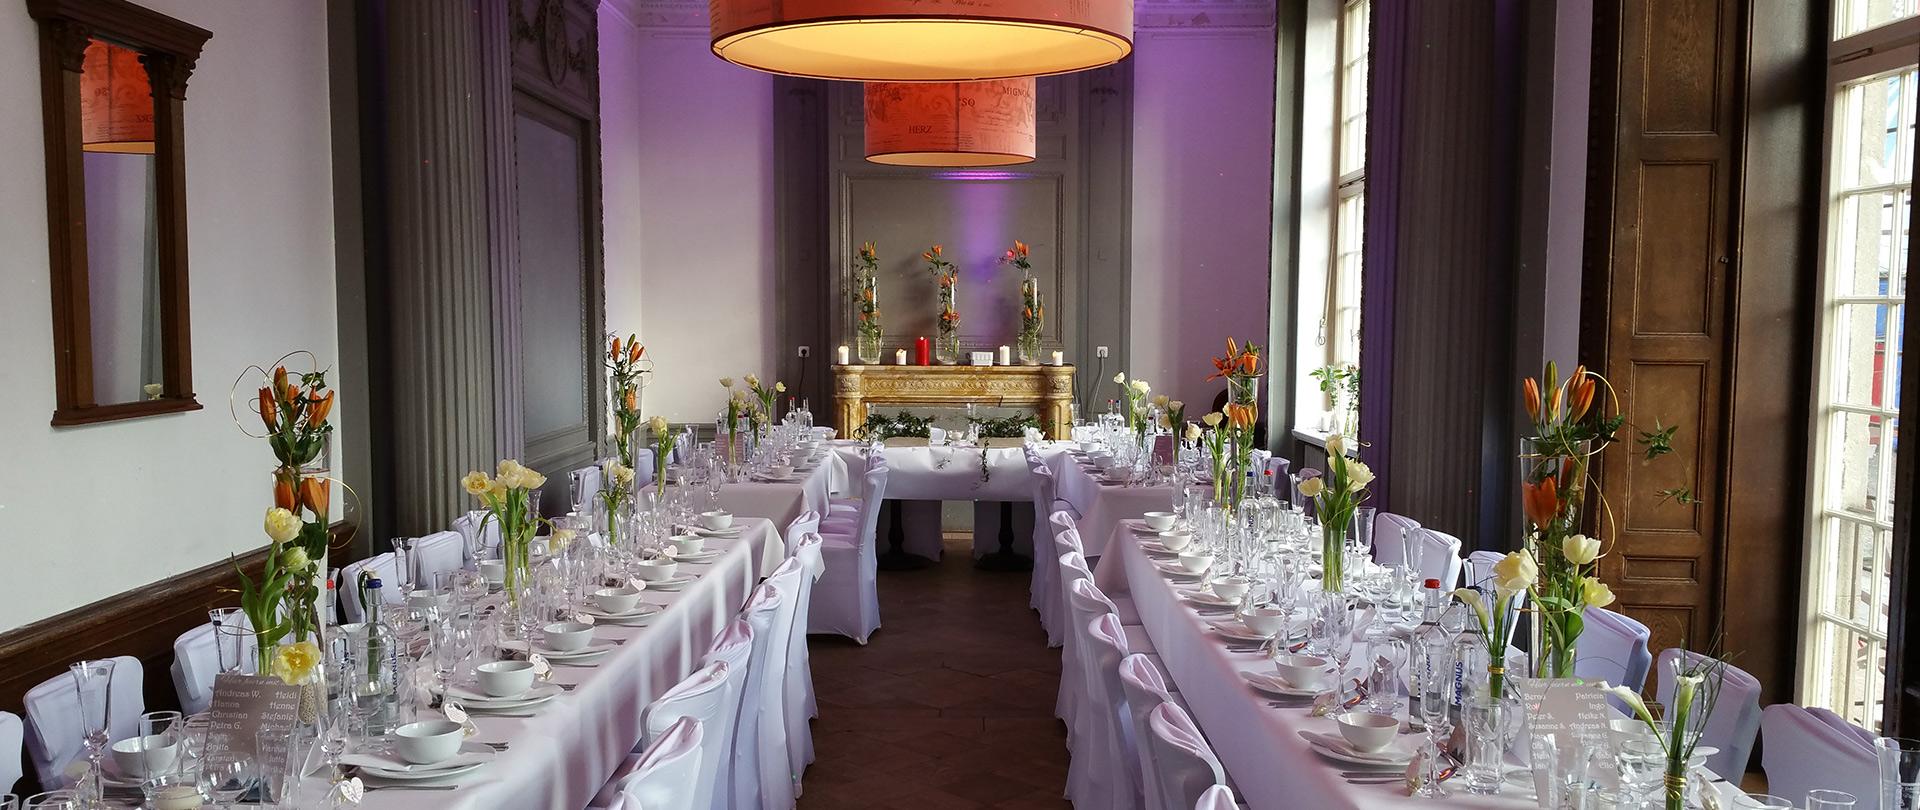 genuss & spektakel – createdmignon events und catering in